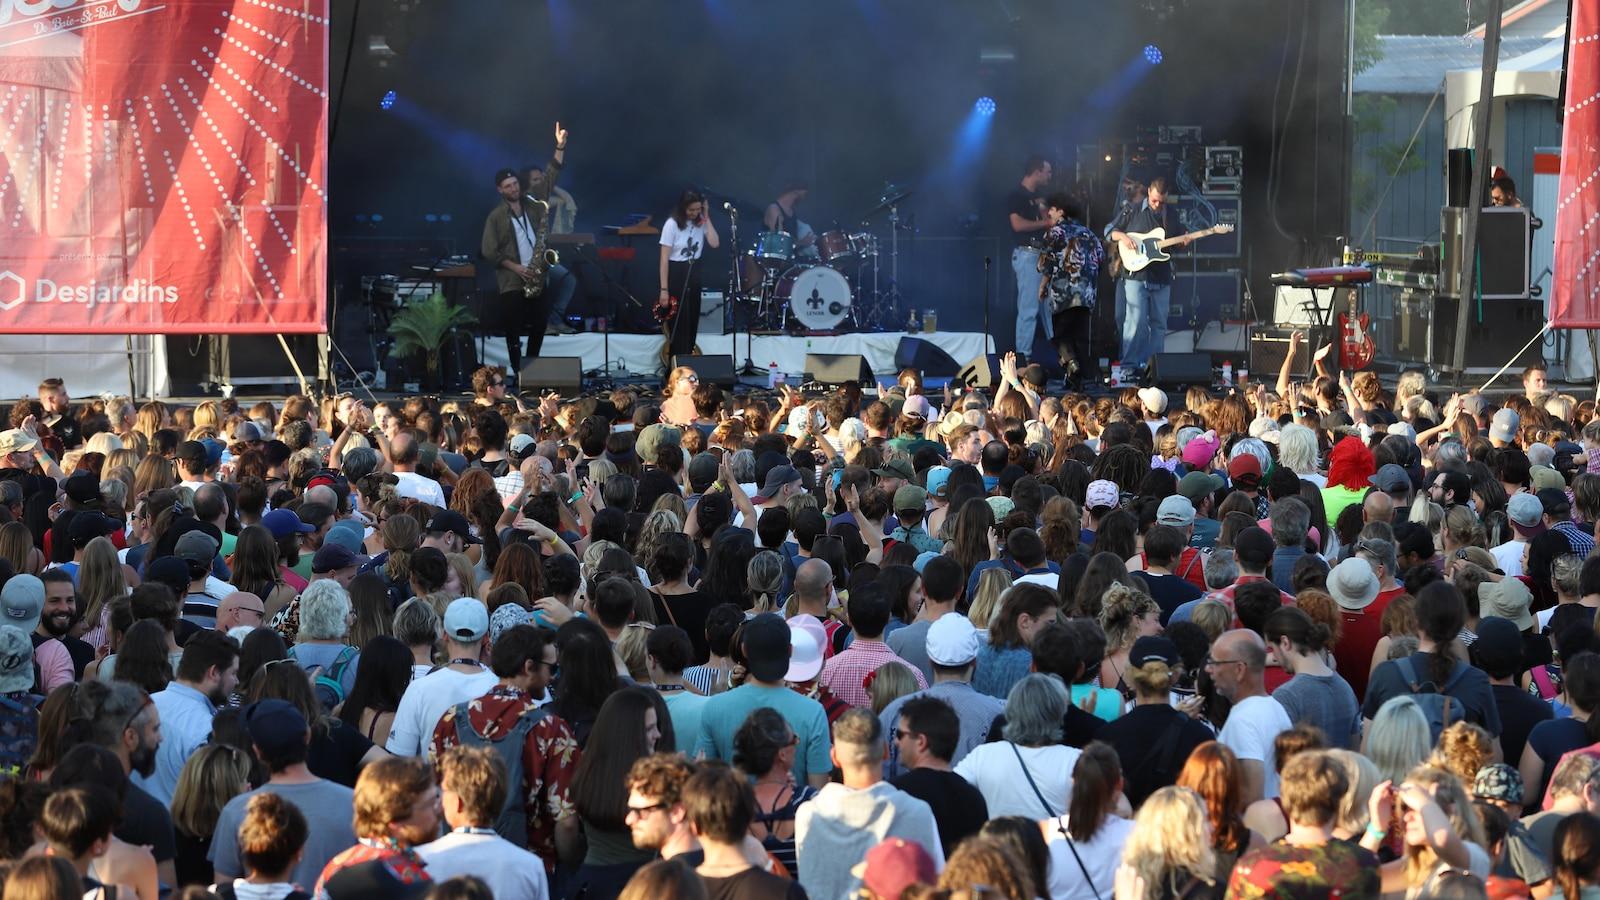 Vu de la foule lors du spectacle d'Hubert Lenoir lors du Festif! de Baie-Saint-Paul, le 19 juillet 2018